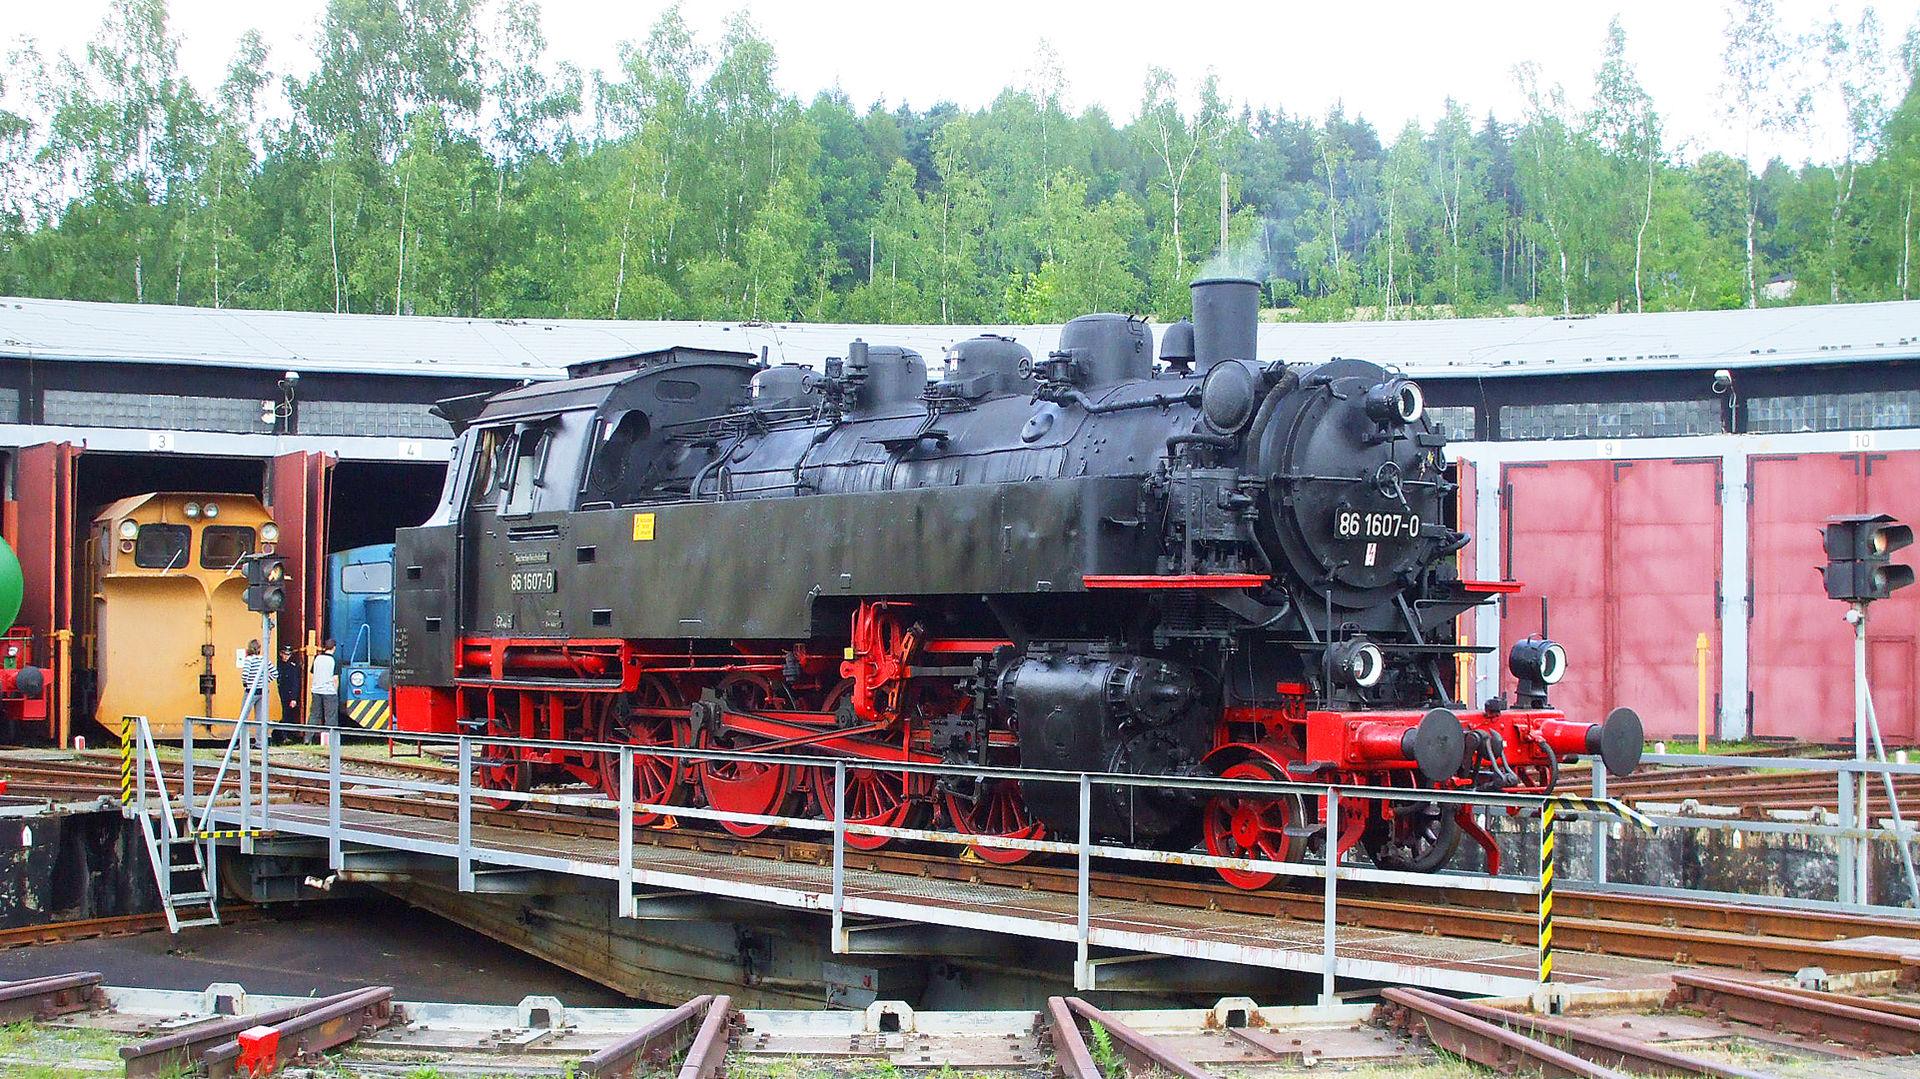 Dampflok 86 607 auf der Drehscheibe im Bw Adorf.  © Vogtländische Eisenbahnverein Adorf (Vogtl) e.V. - Heiko Schmidt